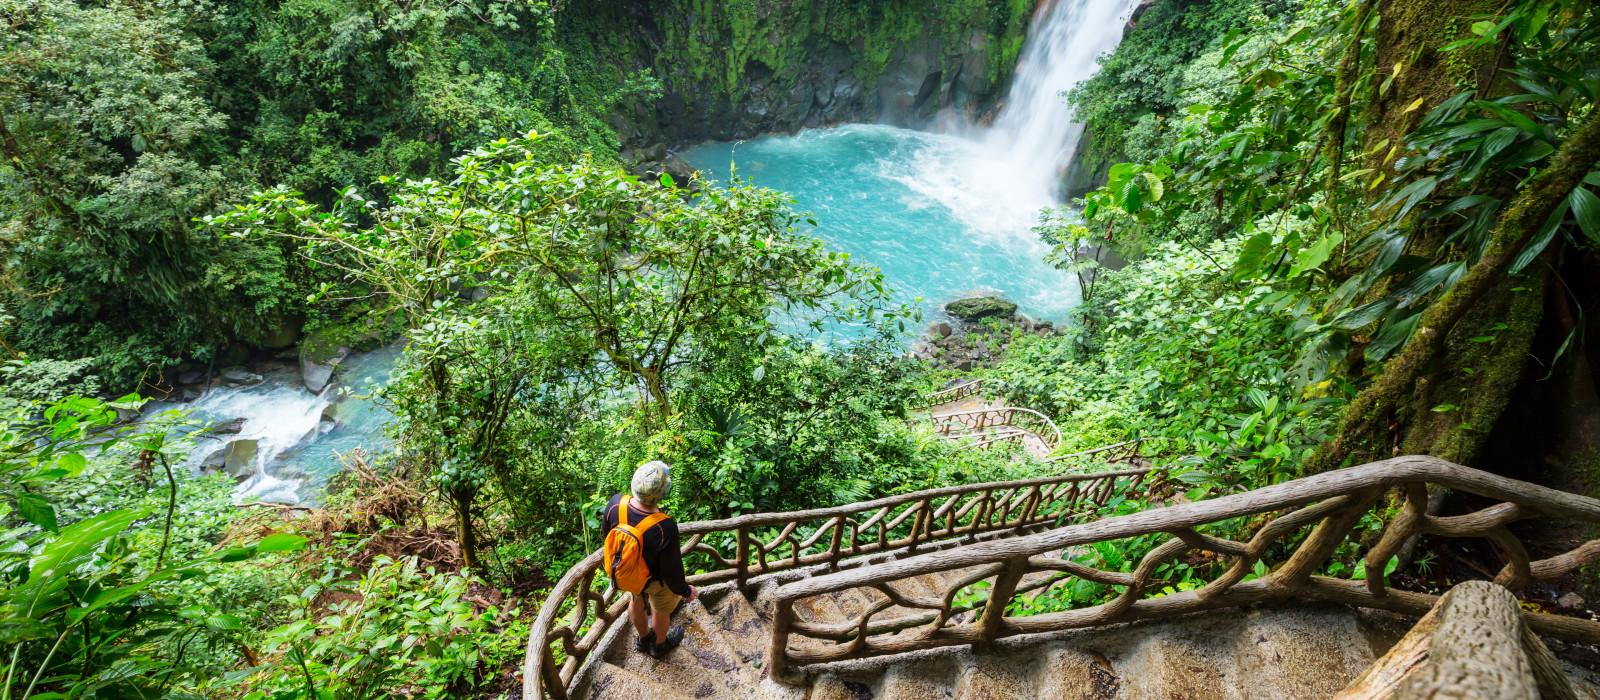 Klassisches Costa Rica: Die Naturwunder von Arenal & Manuel Antonio Urlaub 1